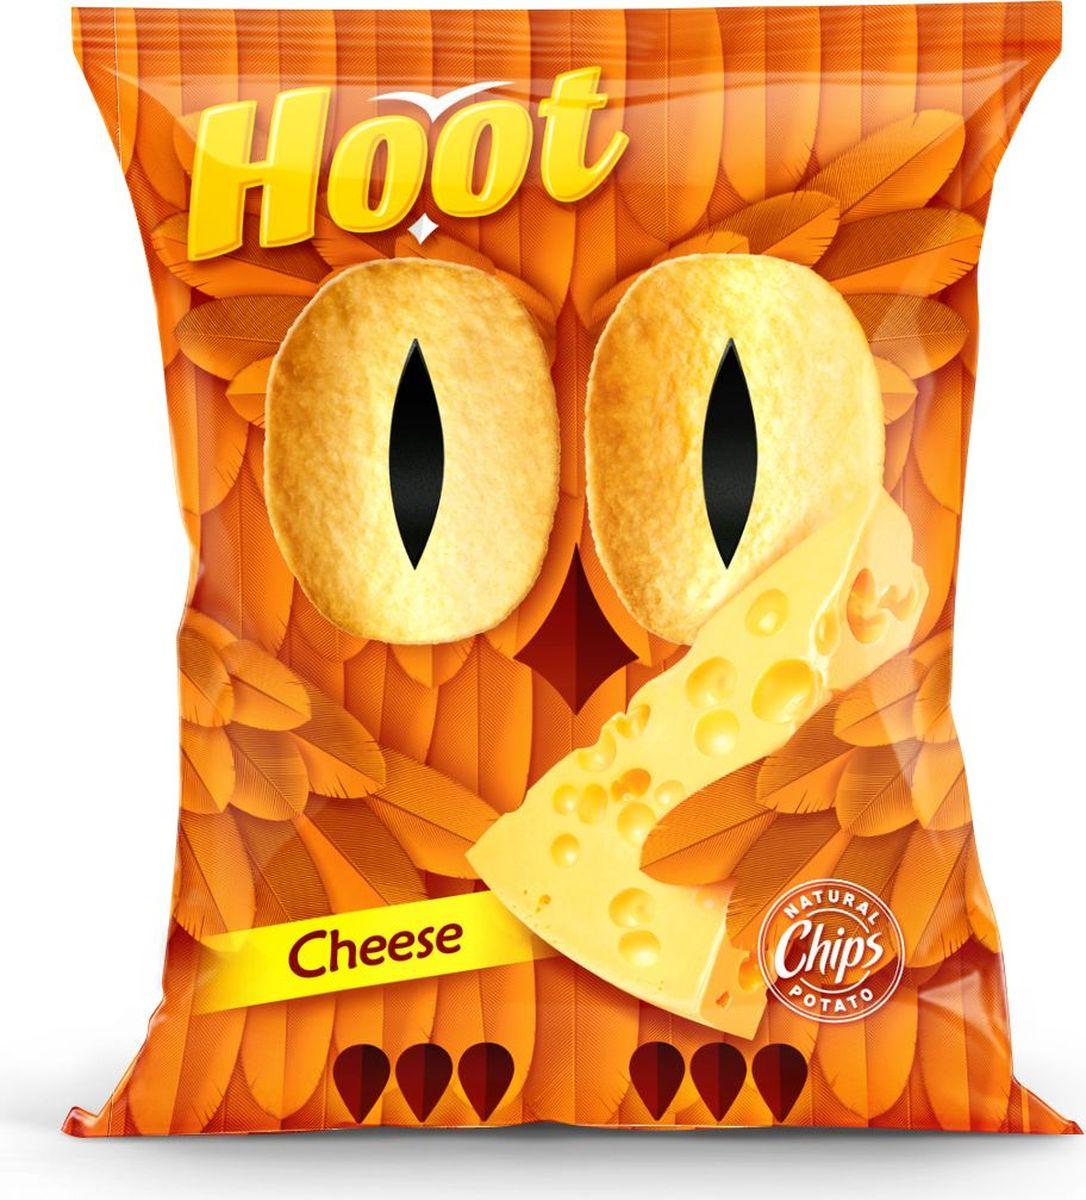 Hoot Чипсы, сыр, 150 г4760156030363Картофельные чипсы со вкусом «Сыра»